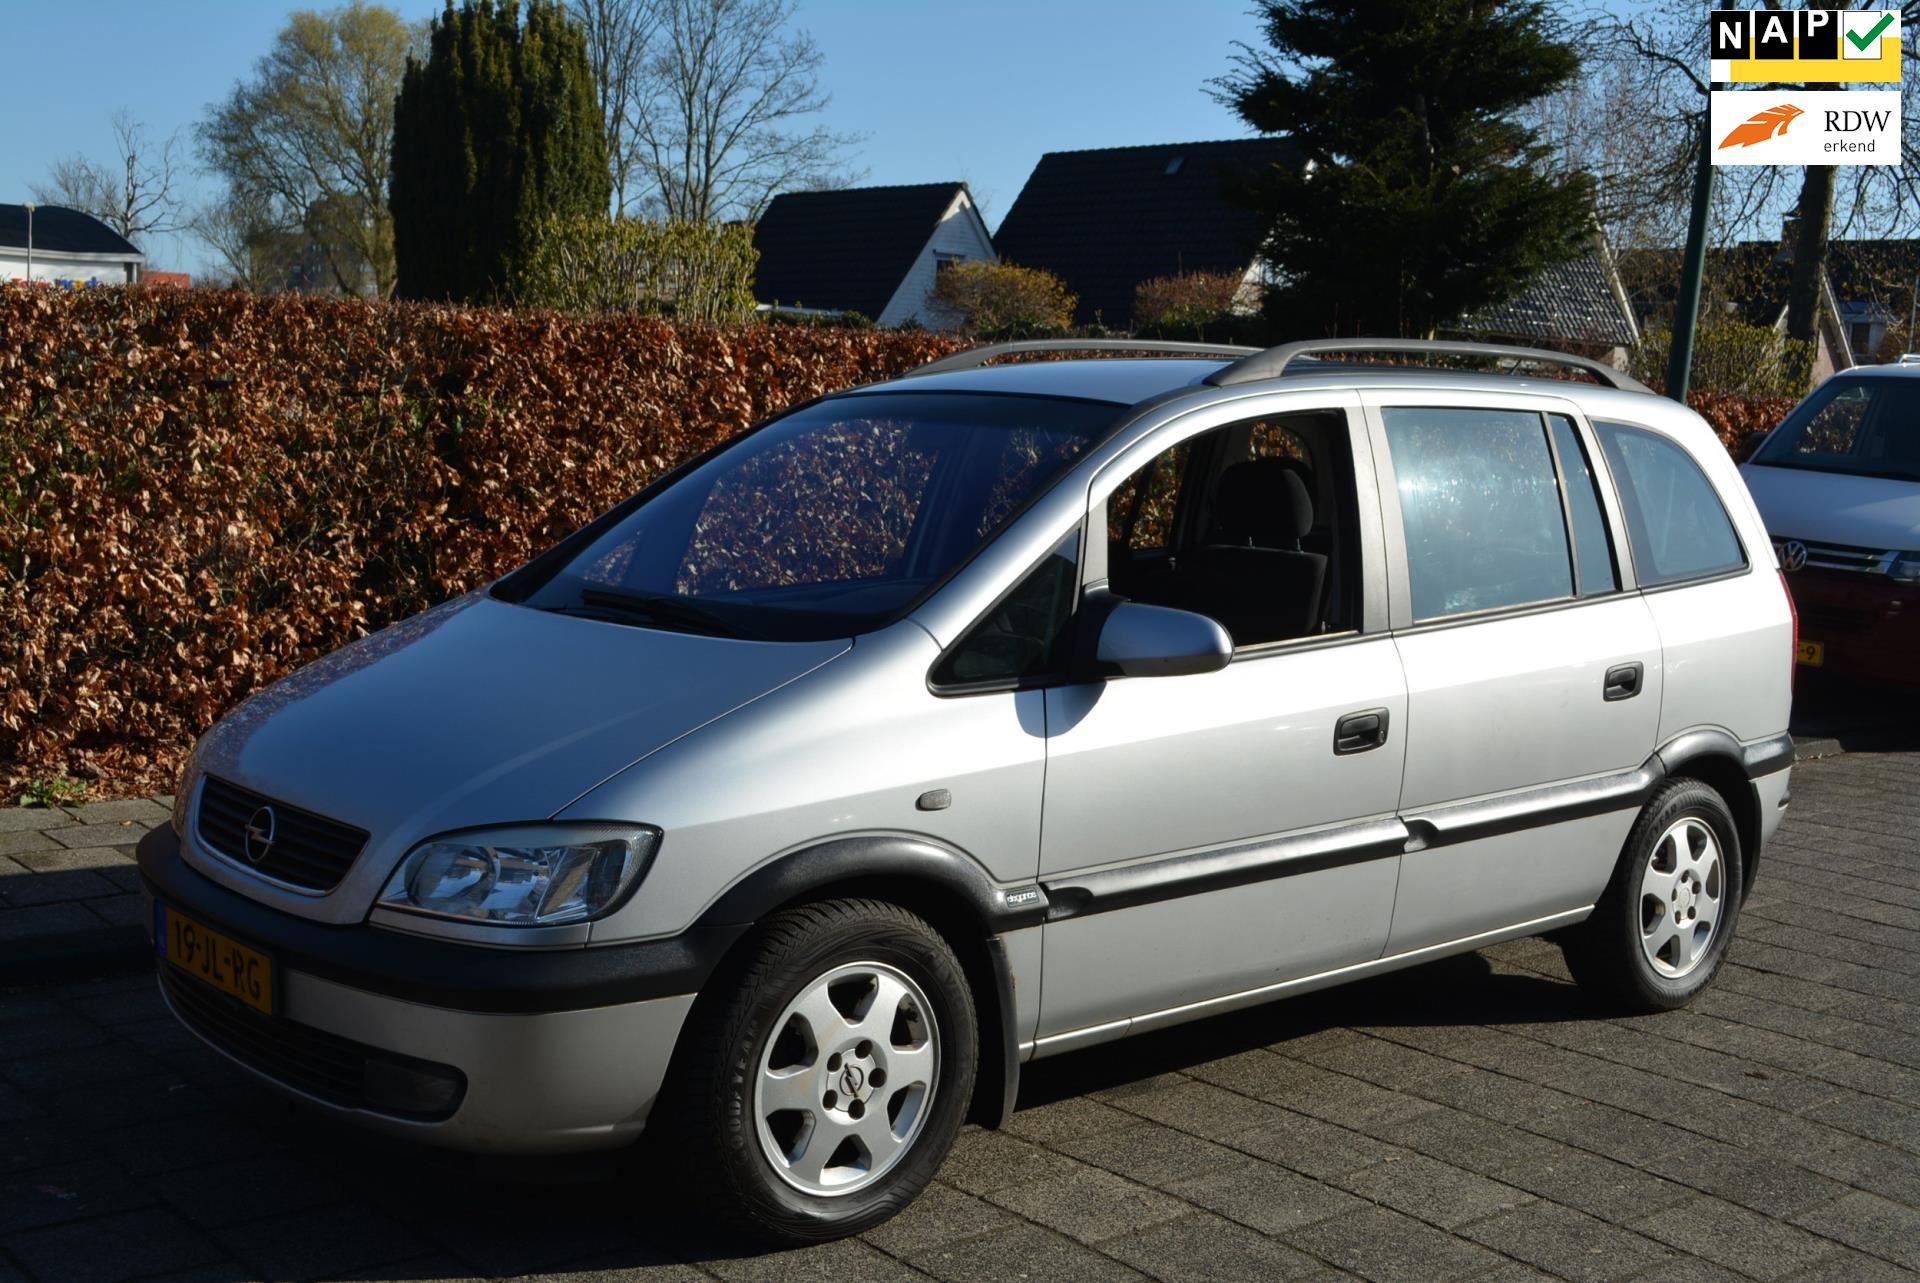 Opel Zafira occasion - Autobedrijf Kiewiet (Auto 25)